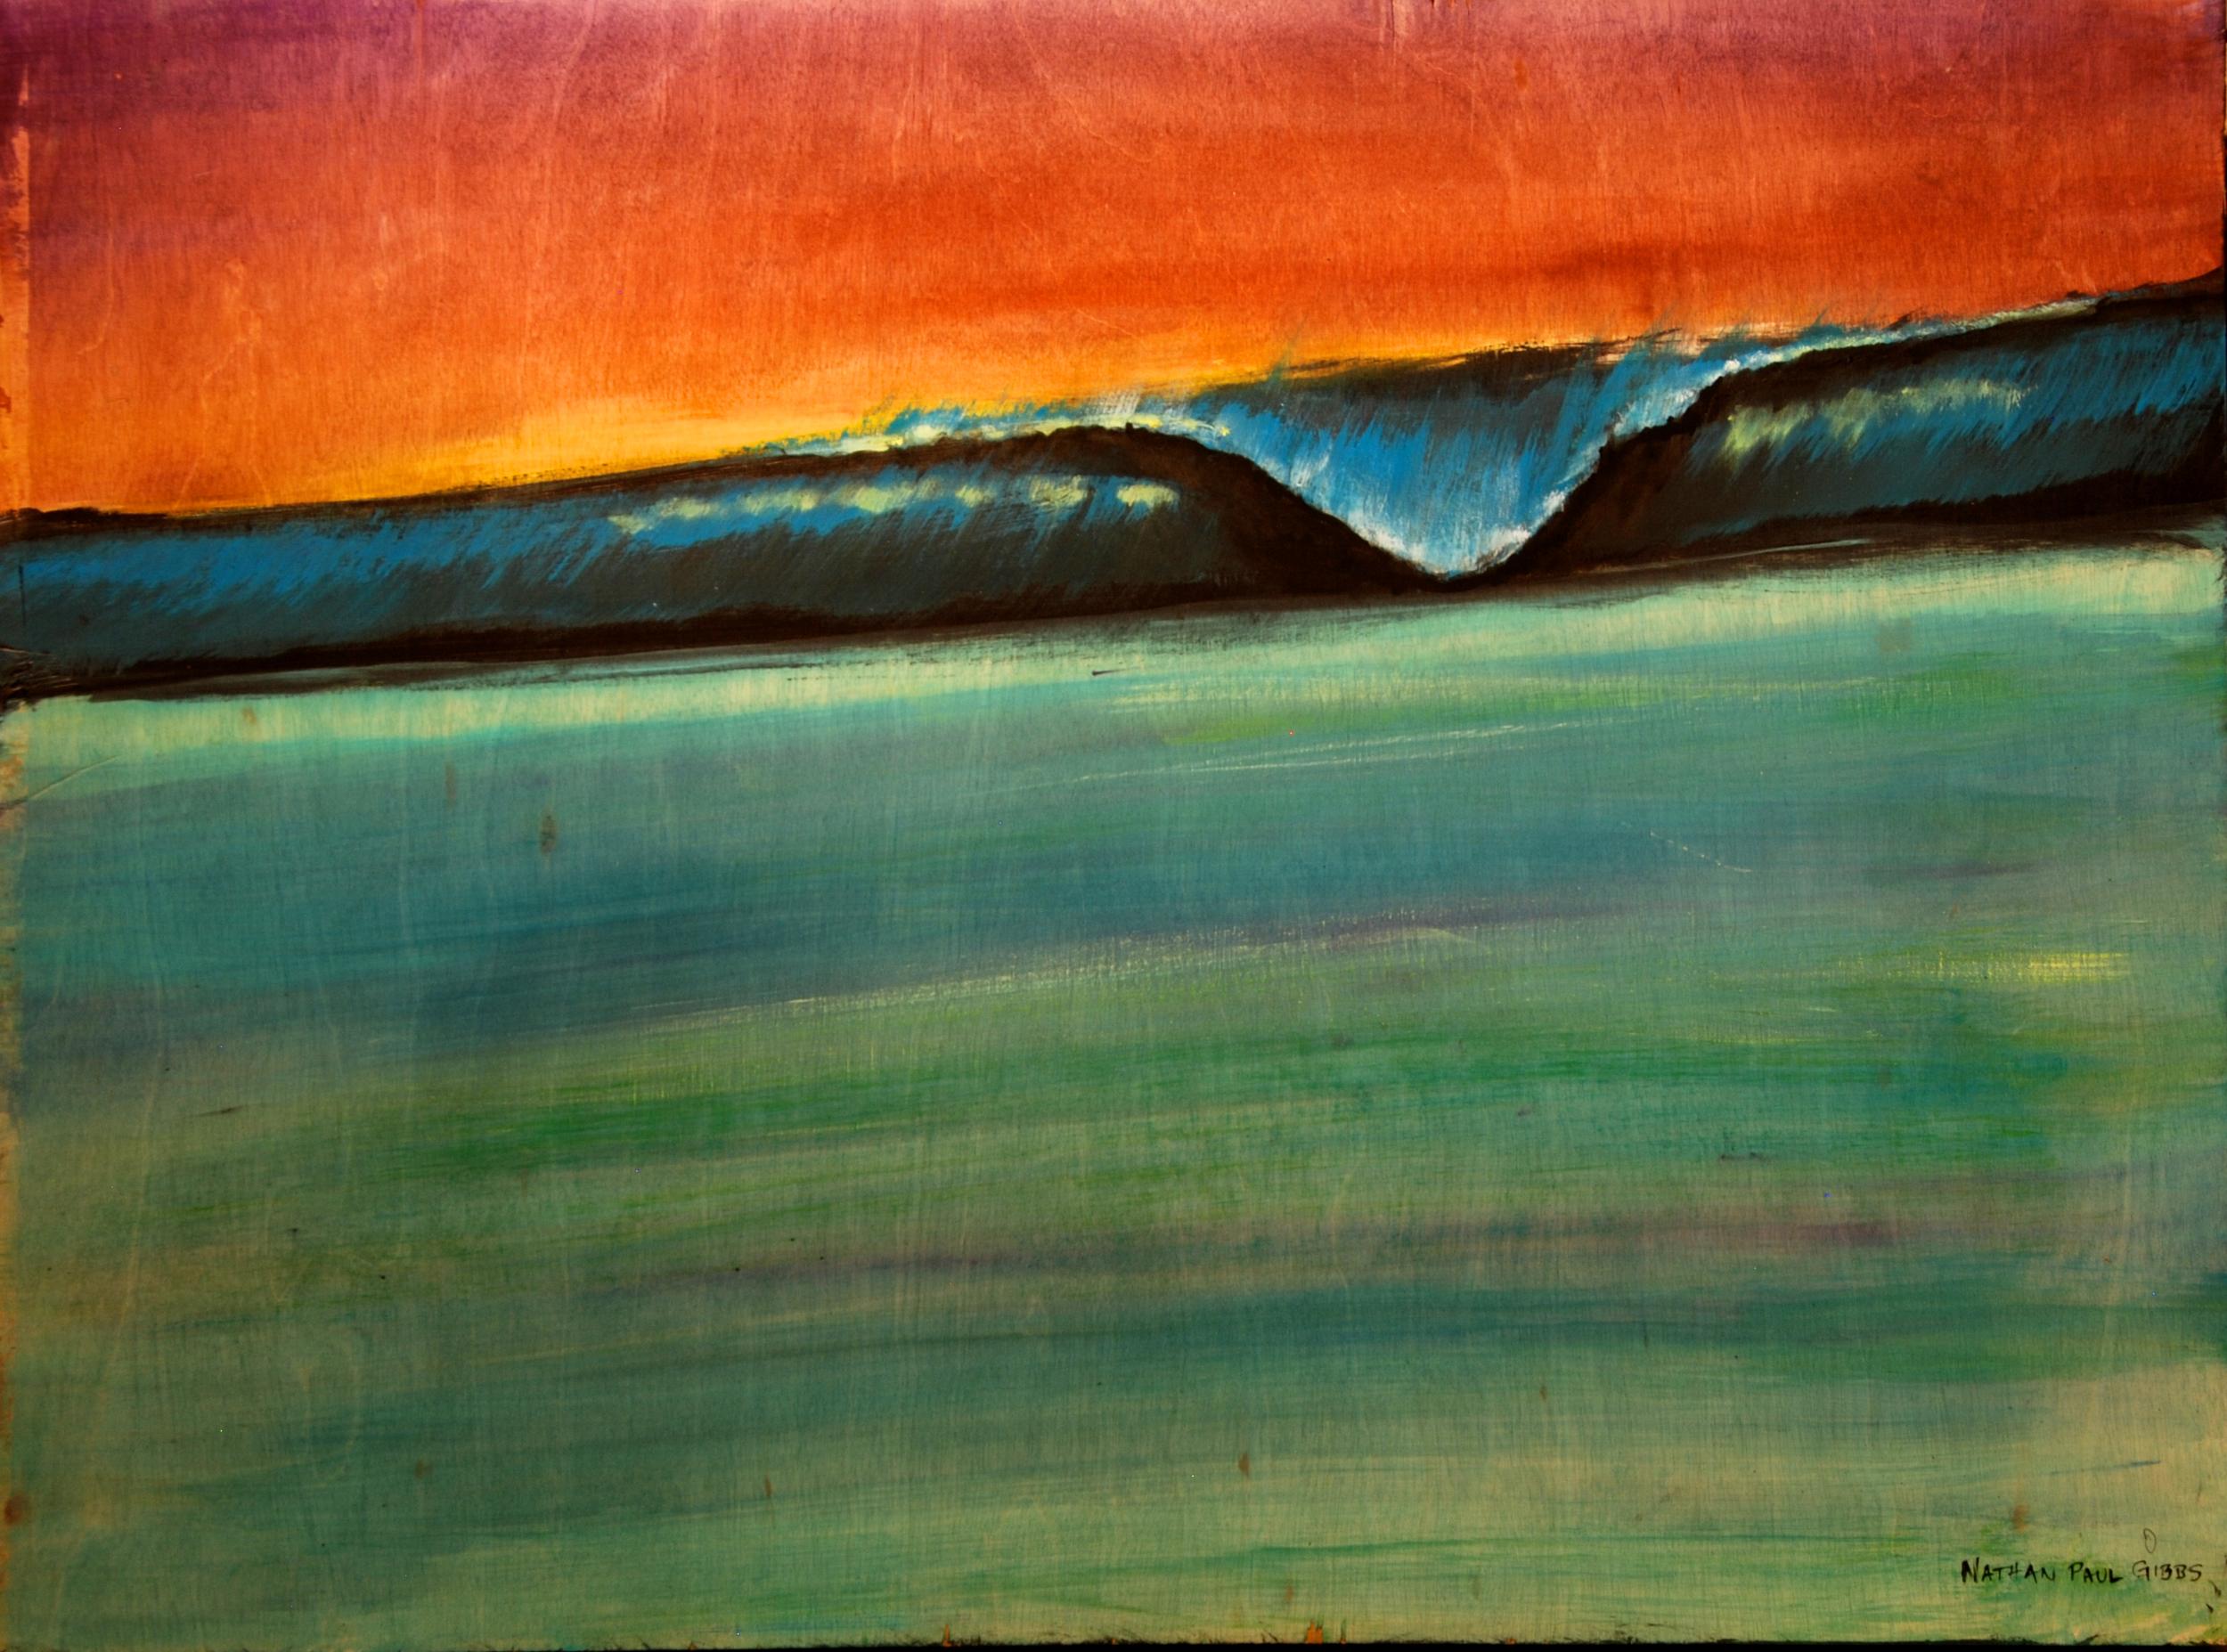 Boat_trip_sunrise_surf_art_nathan_gibbs 1.jpg